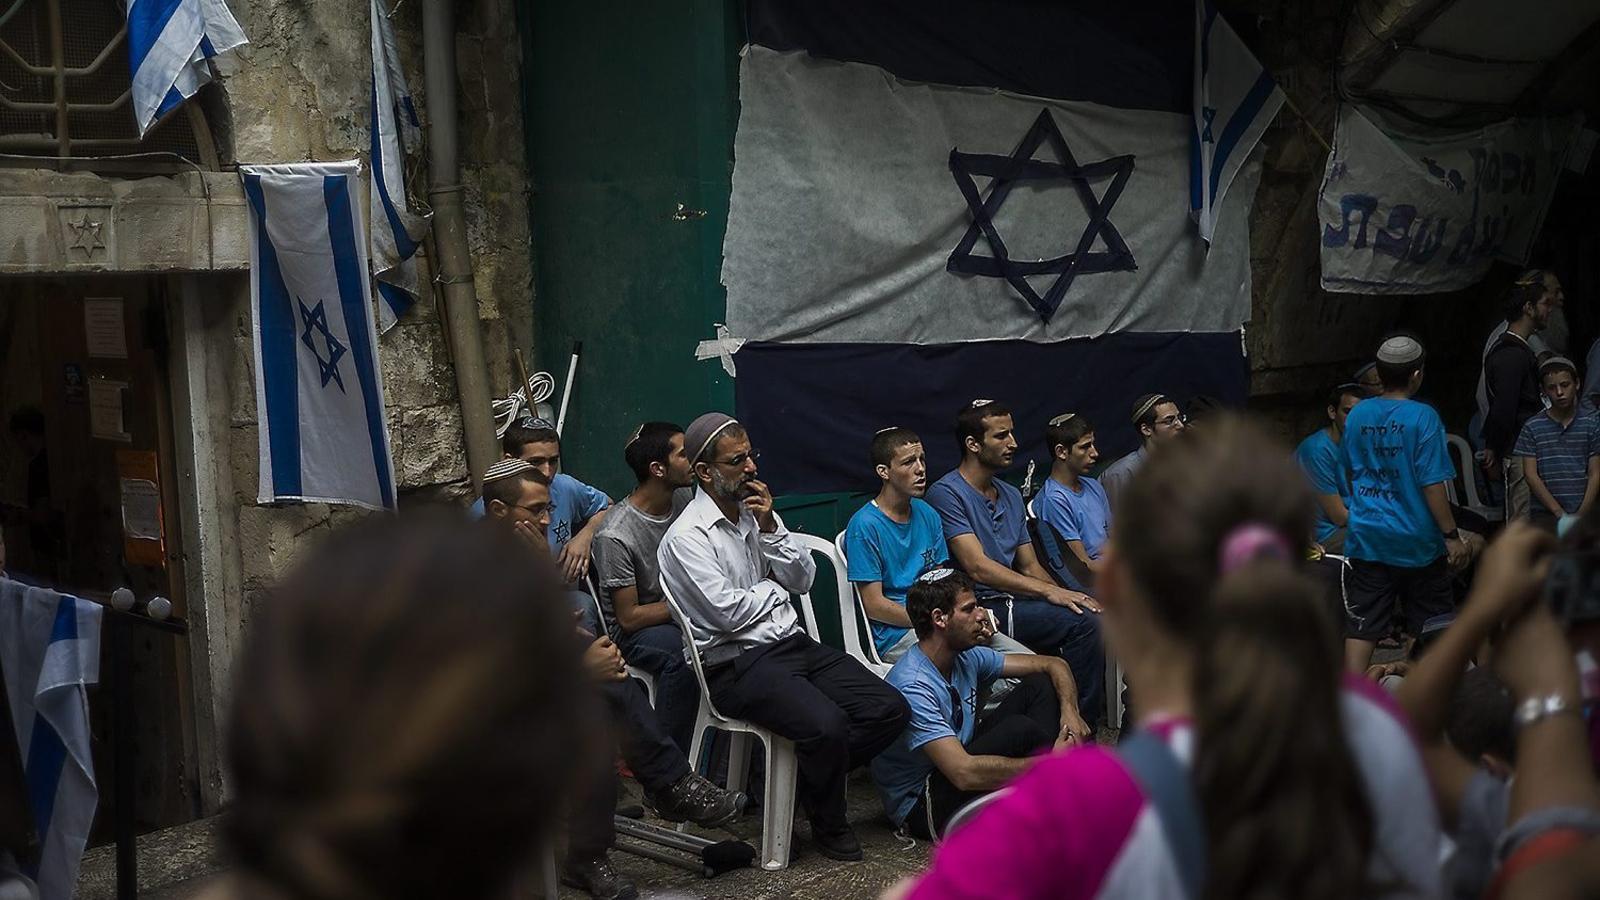 Reunió de joves colons jueus  en un centre  de Jerusalem.